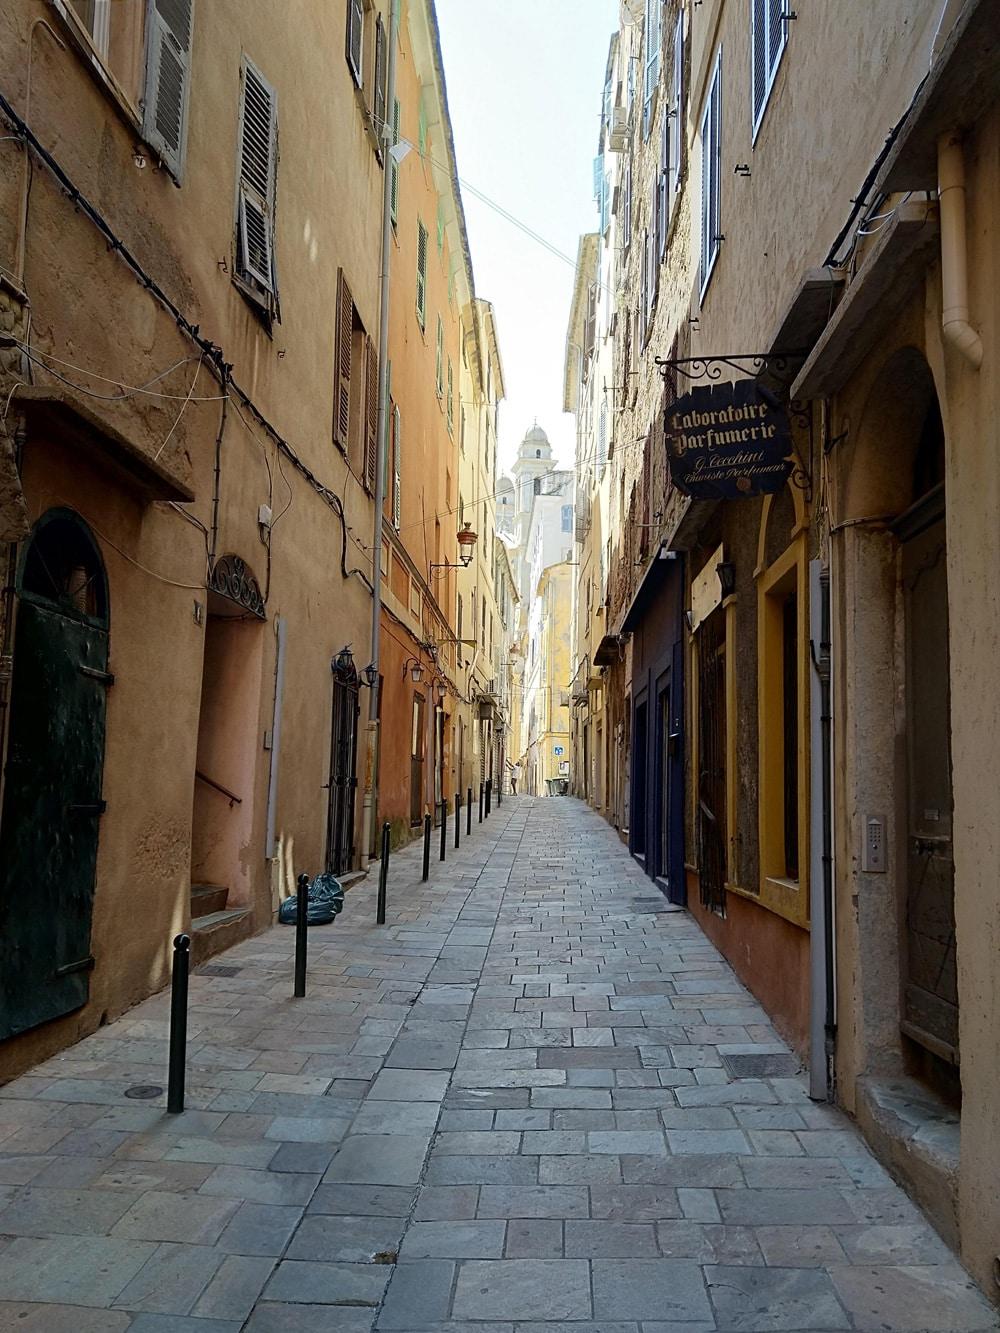 Sehenswürdigkeiten auf Korsika: In der Altstadt von Bastia